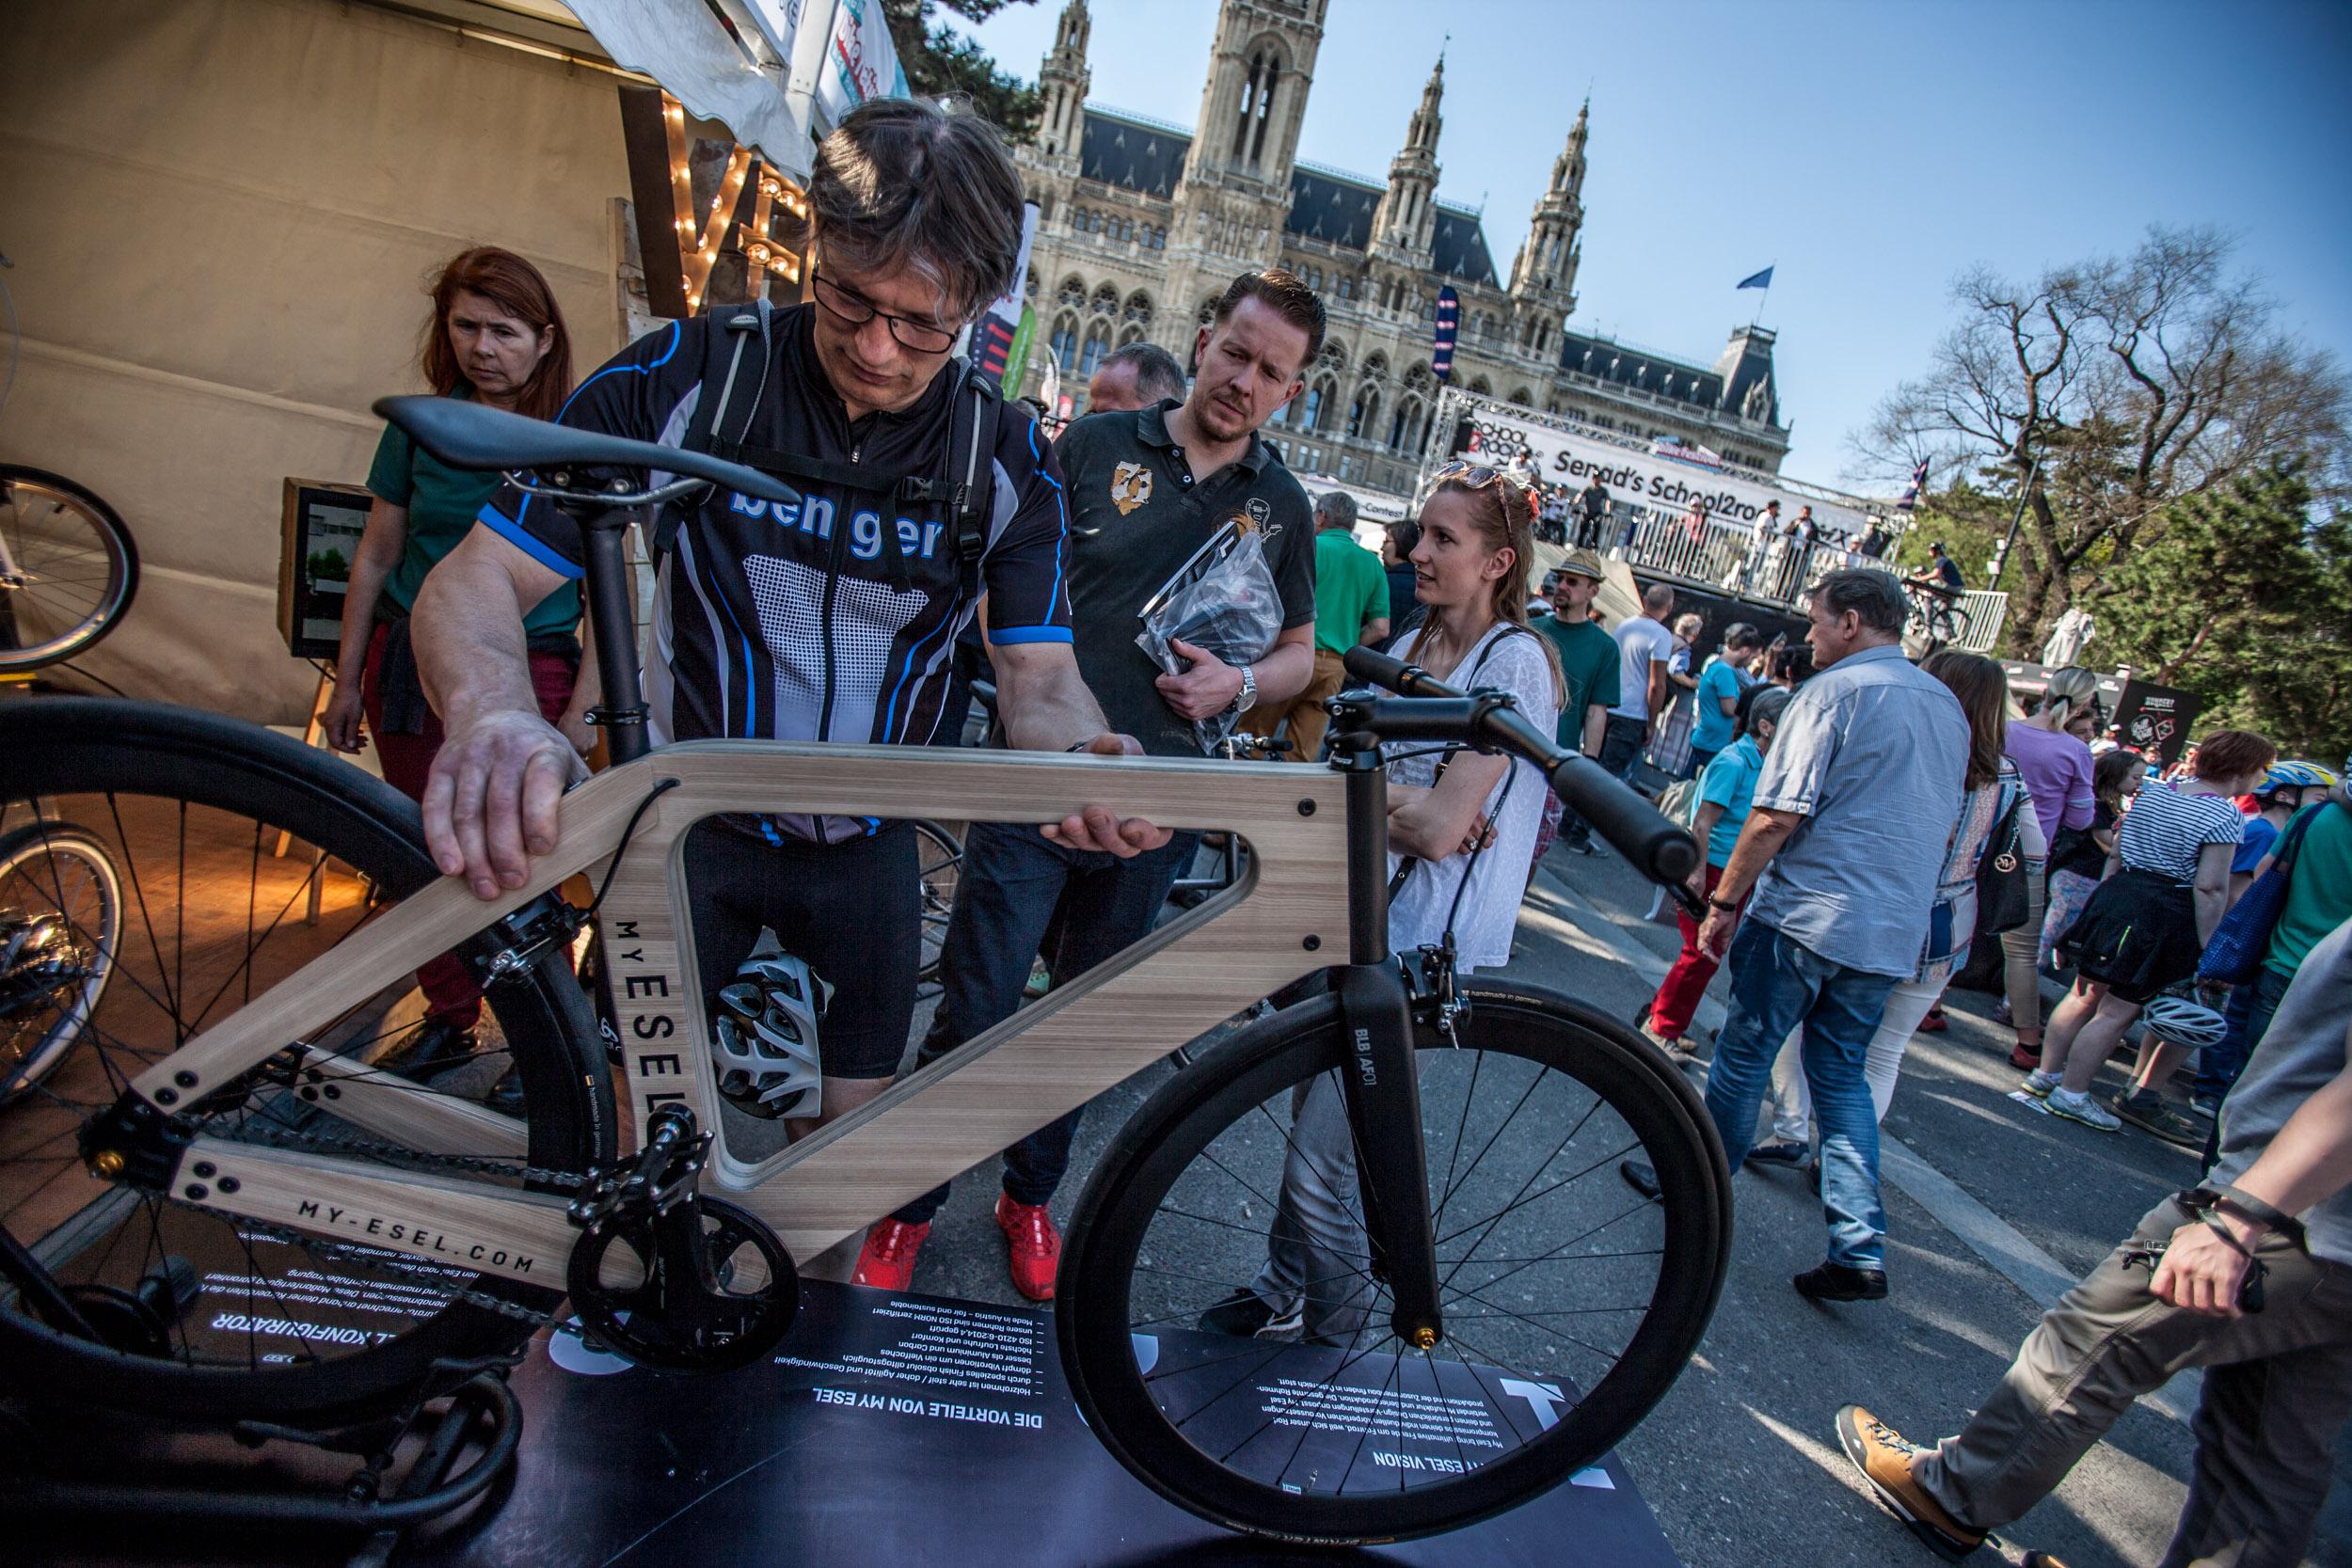 Fundament des Argus Bike Festival ist seit den frühesten Anfängen der Veranstaltung der Messebereich. Wer die über 100 Aussteller gewissenhaft abklapperte, erhielt einen fundierten Überblick aktueller Marken, Trends, Innovationen, Reiseziele uvm. Daneben war die Expo-Area auch der ideale Platz,